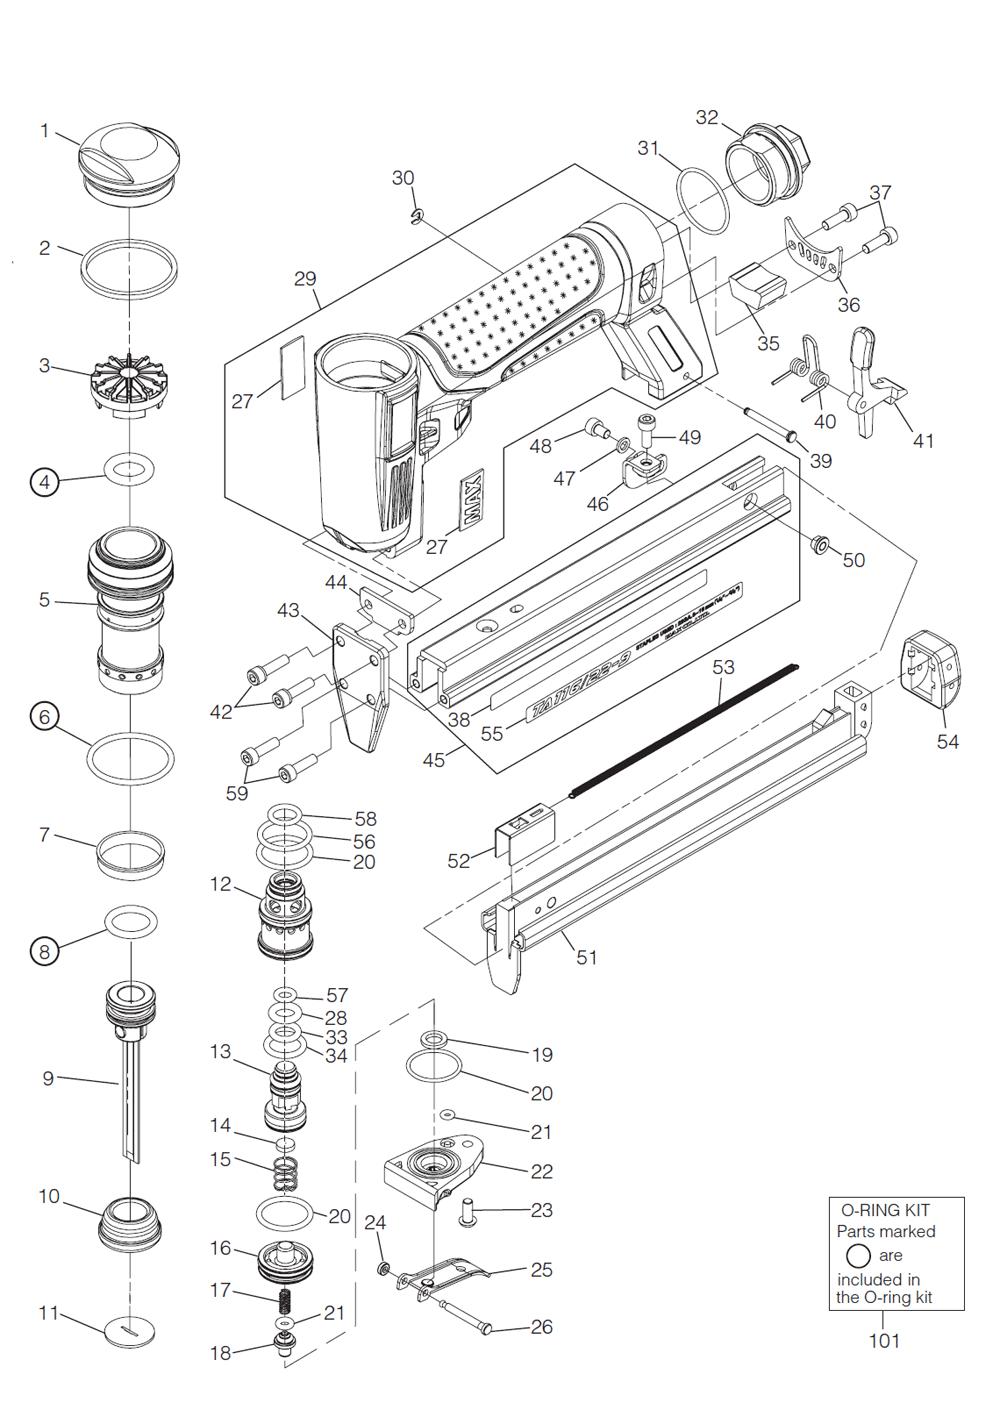 1000x1410 Buy Max Ta116 22 9 Replacement Tool Parts Max Ta116 22 9 Lta Href